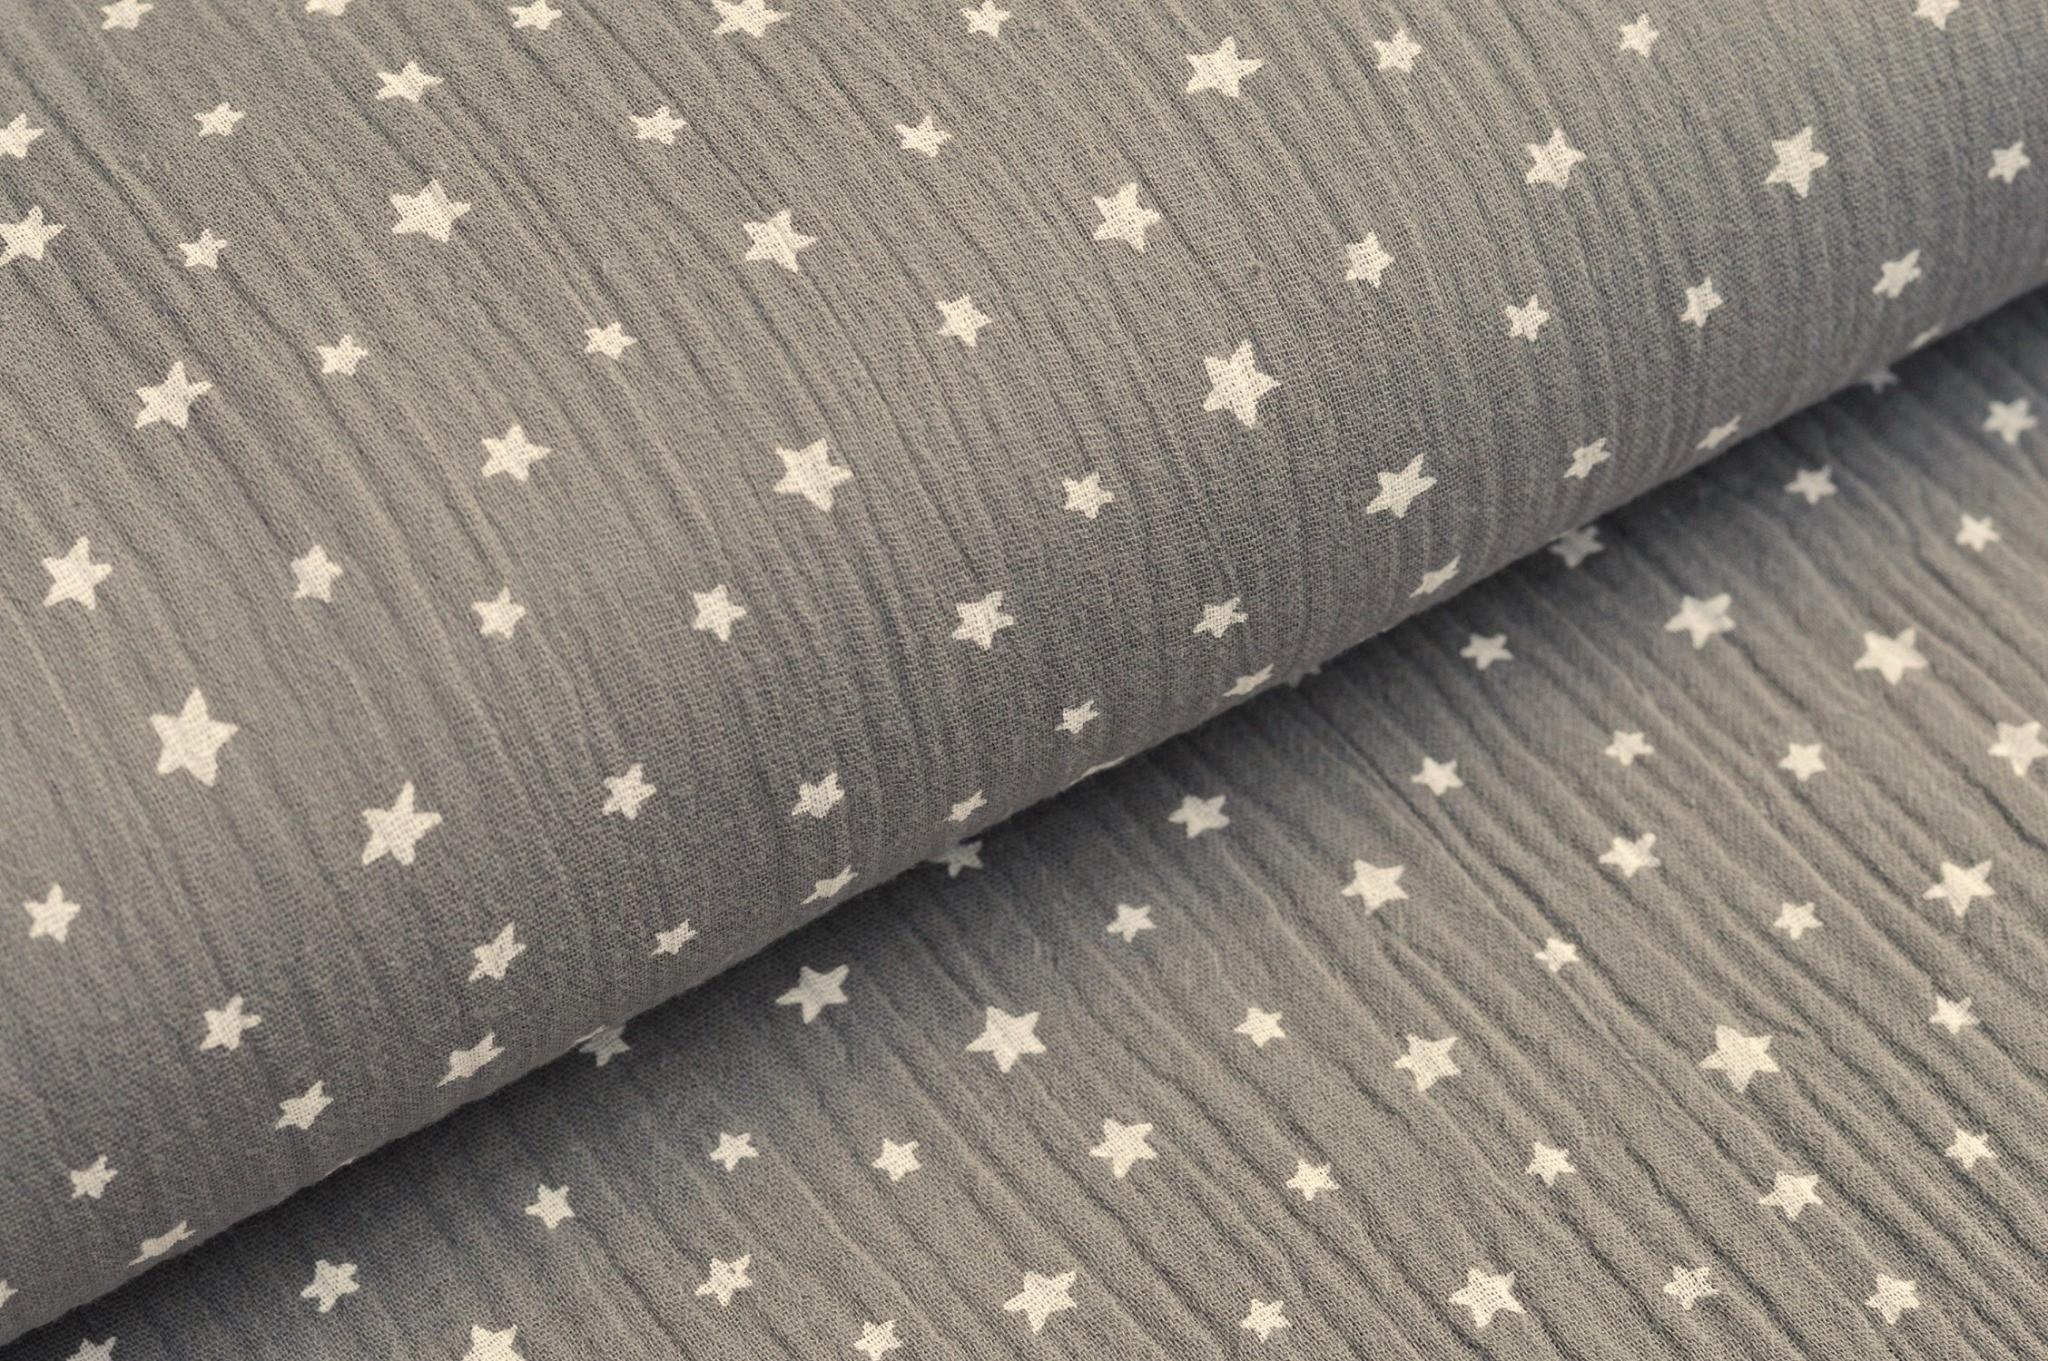 Baumwolle Musselin Double Gauze grau mit weissen Sternen